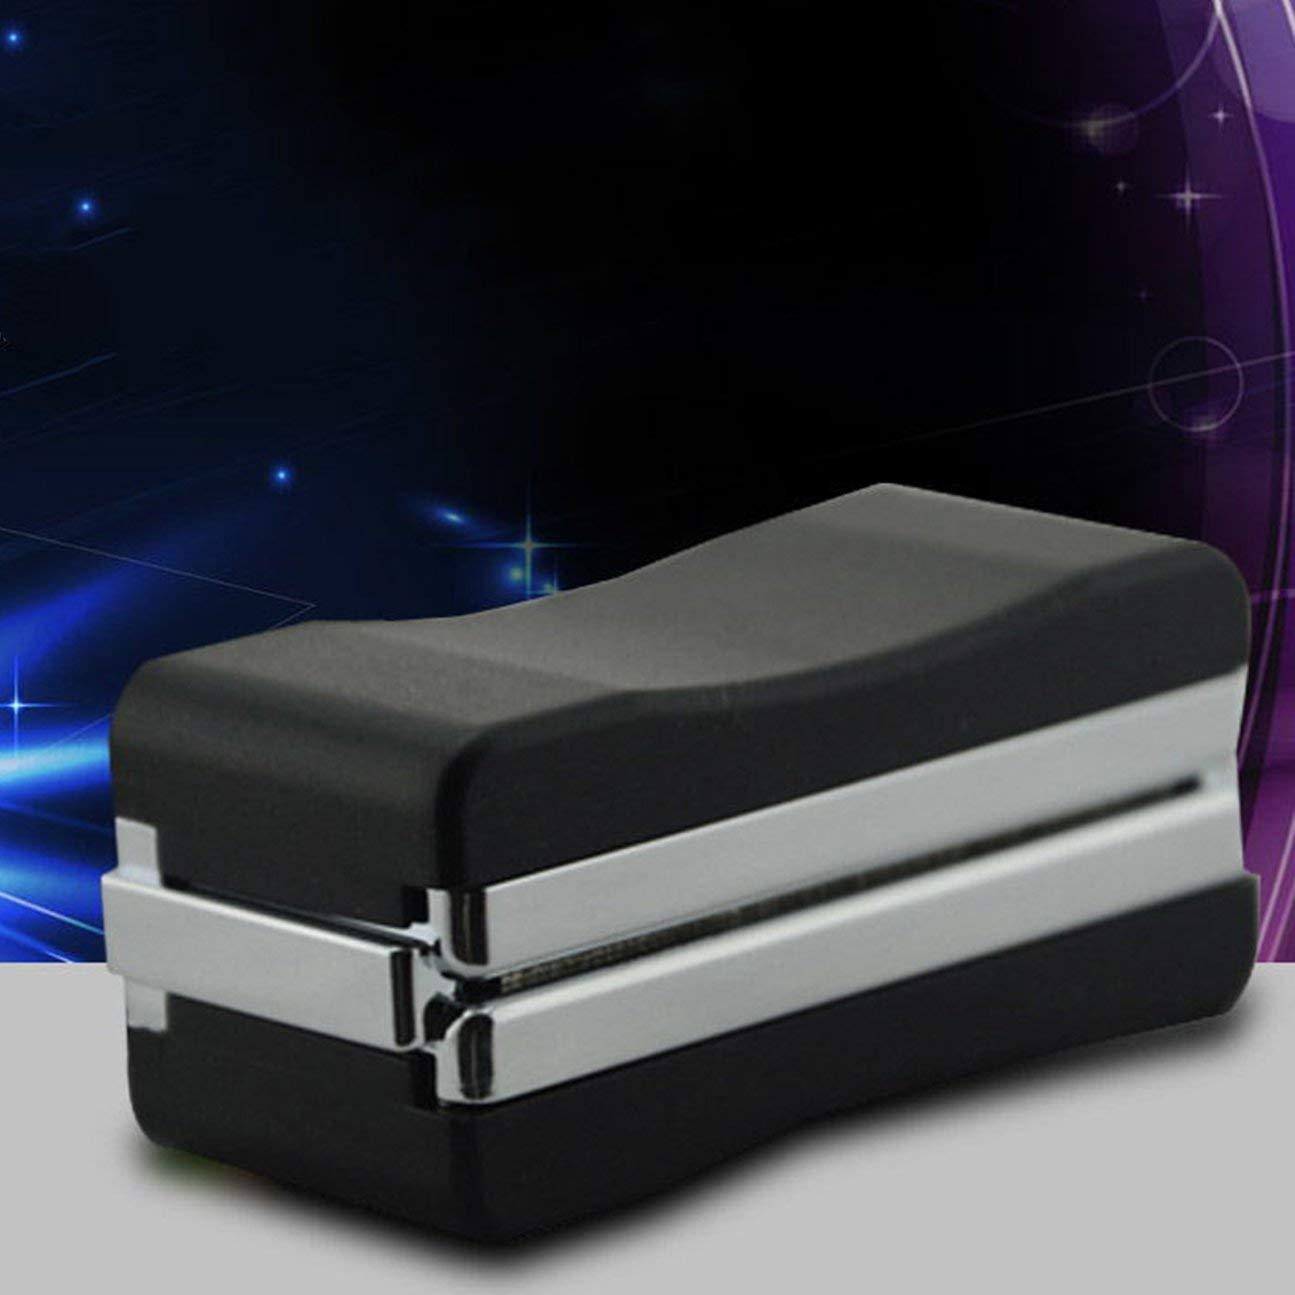 MachinYesell Universal Auto Voiture Essuie-Glace Essuie-Glace R/énover R/éparation Outil R/énovateur Pare-Brise Kit De R/éparation De Scratch Cleaner Noir